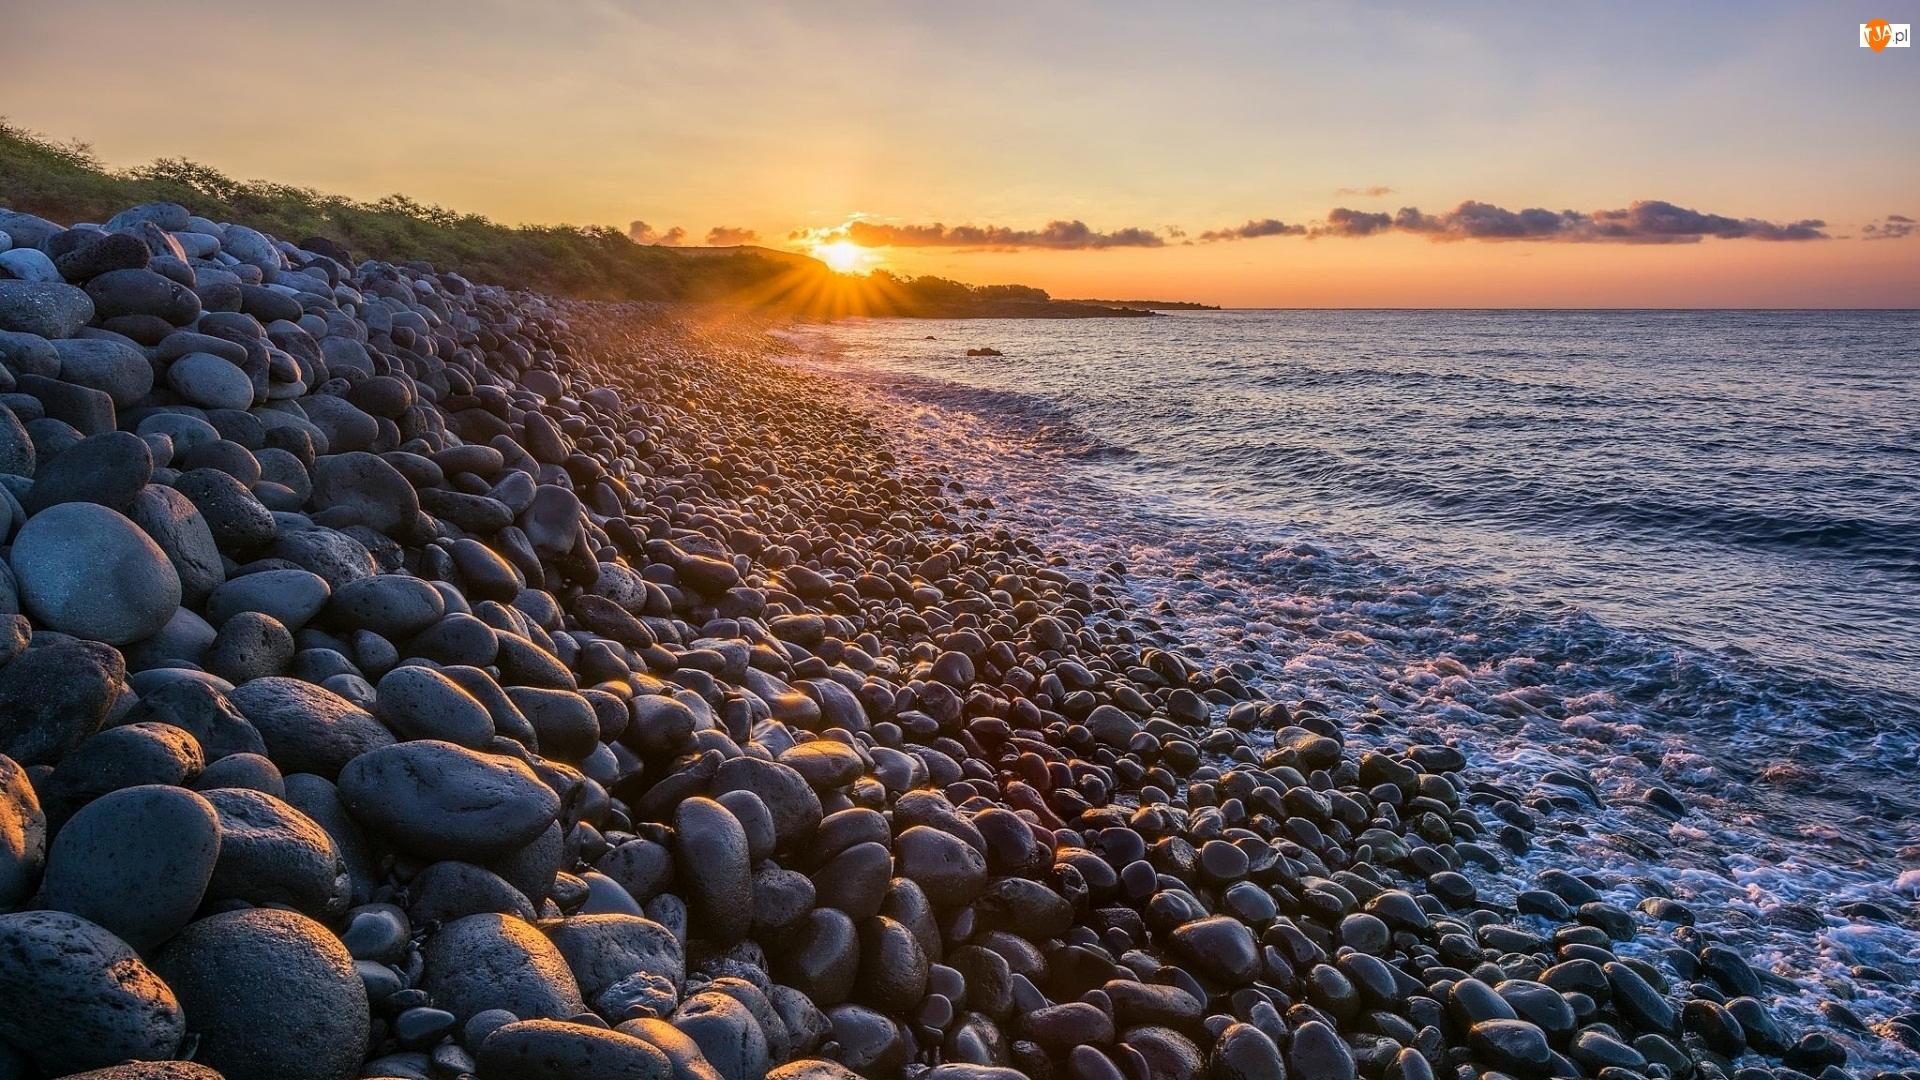 Zachód słońca, Brzeg, Morze, Kamienie